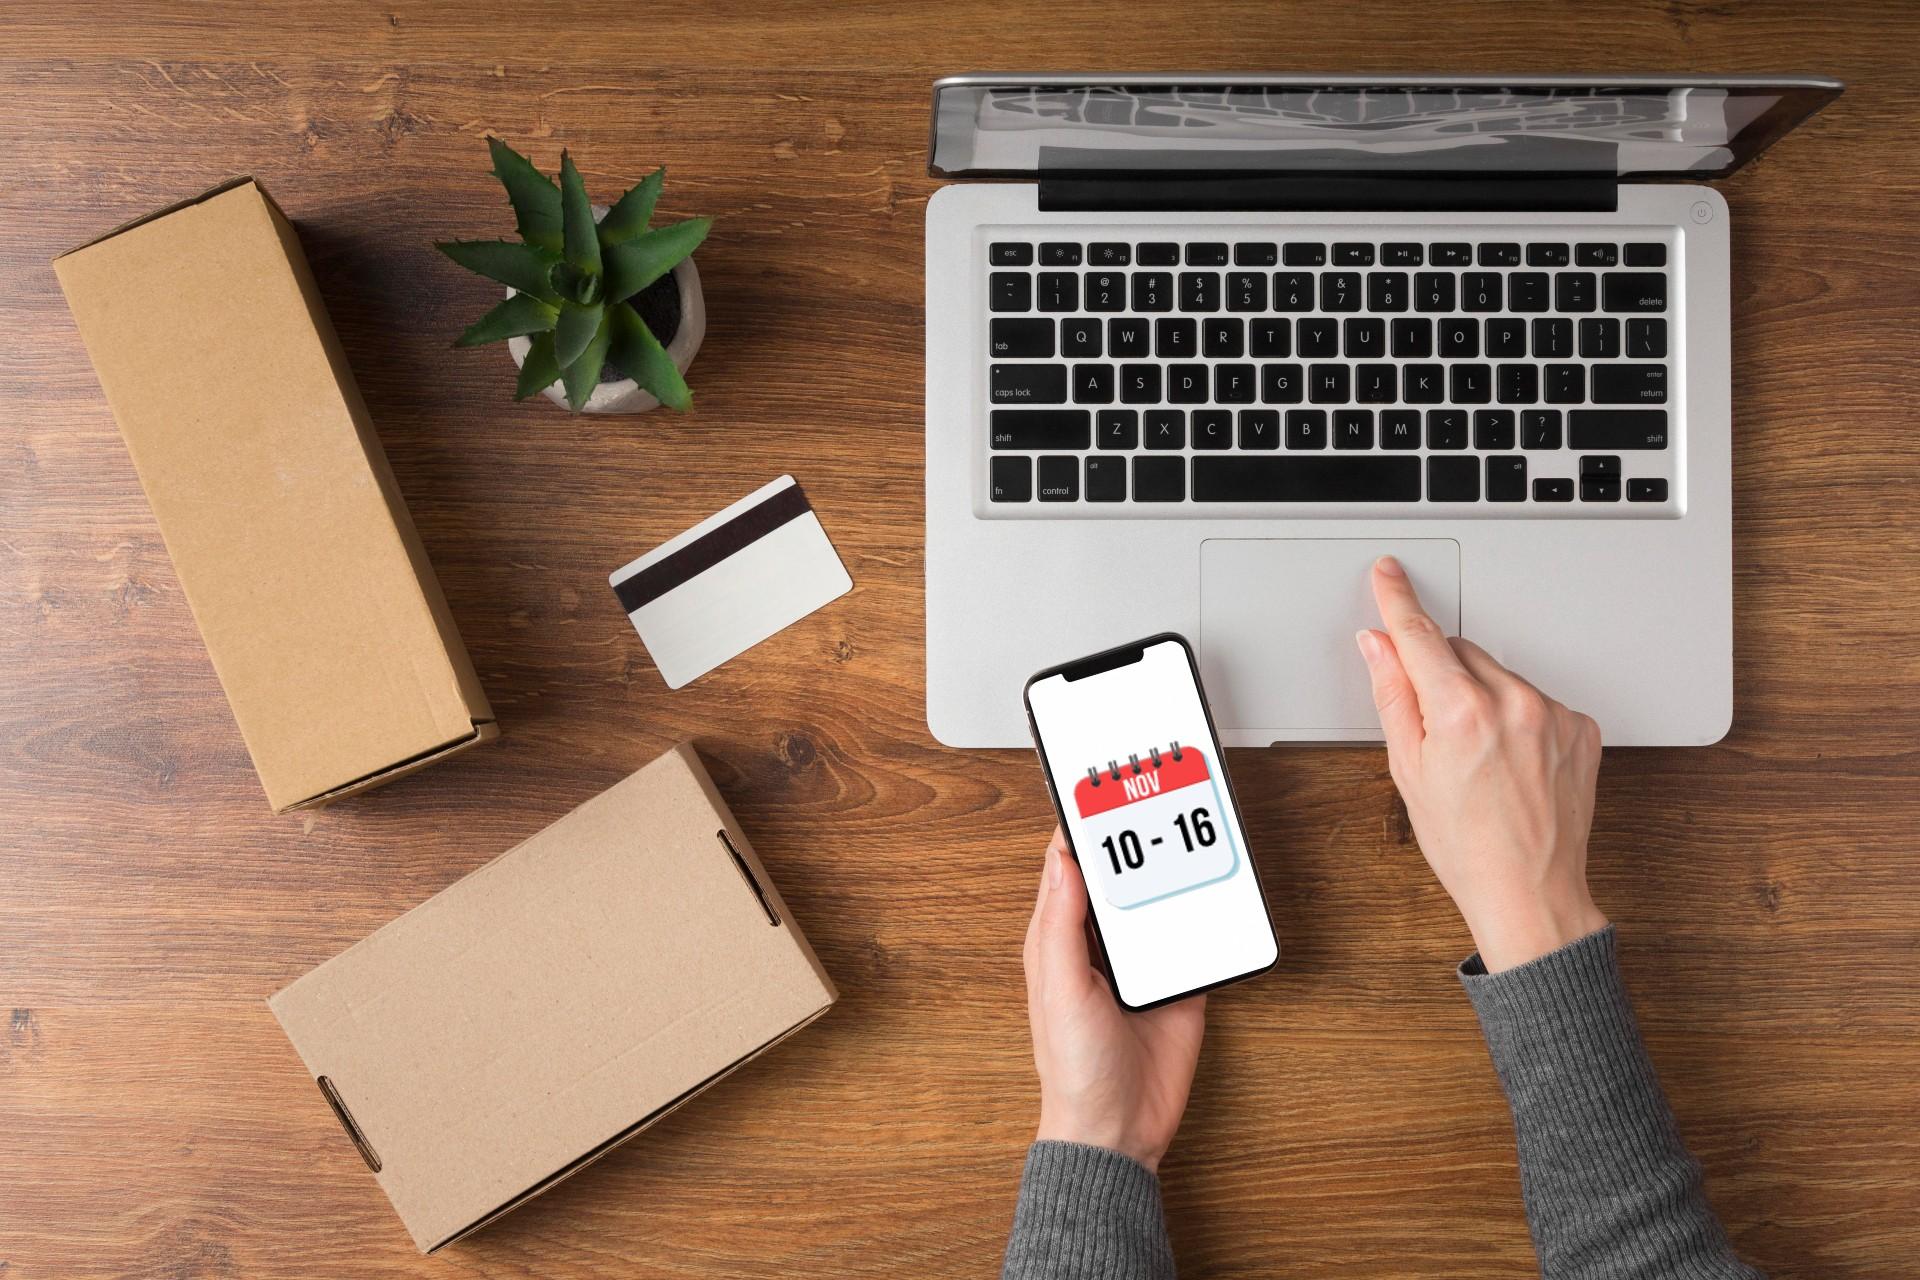 Paquetes del Buen Fin junto a laptop y tarjeta de crédito